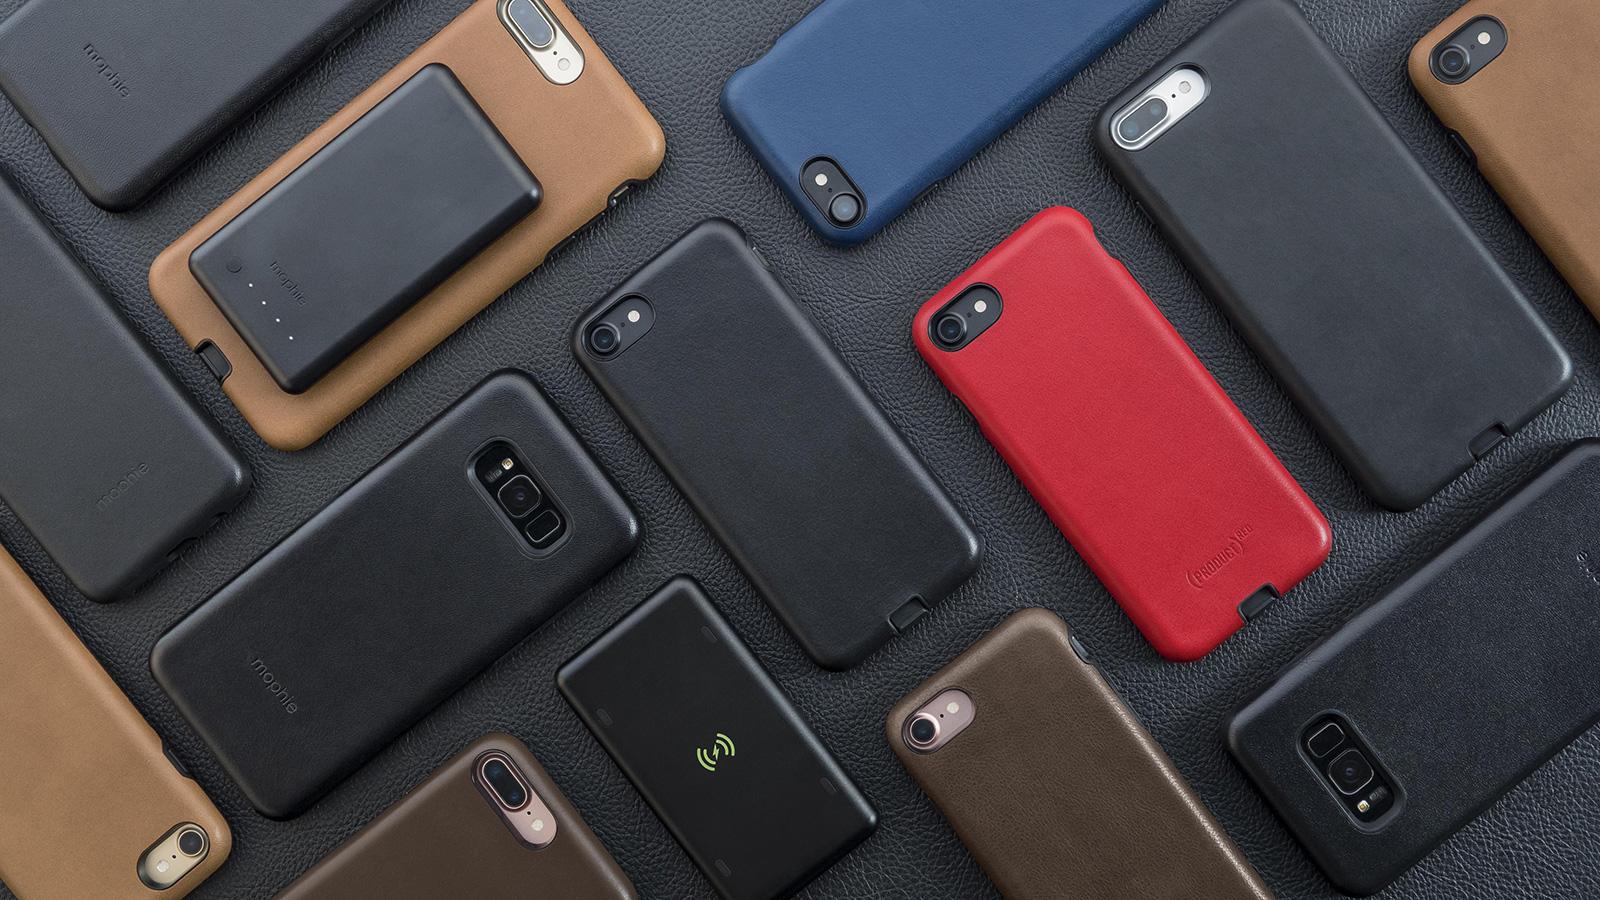 Mophie ya tiene soluciones inalámbricas de carga para los iPhone 7 y Galaxy S8